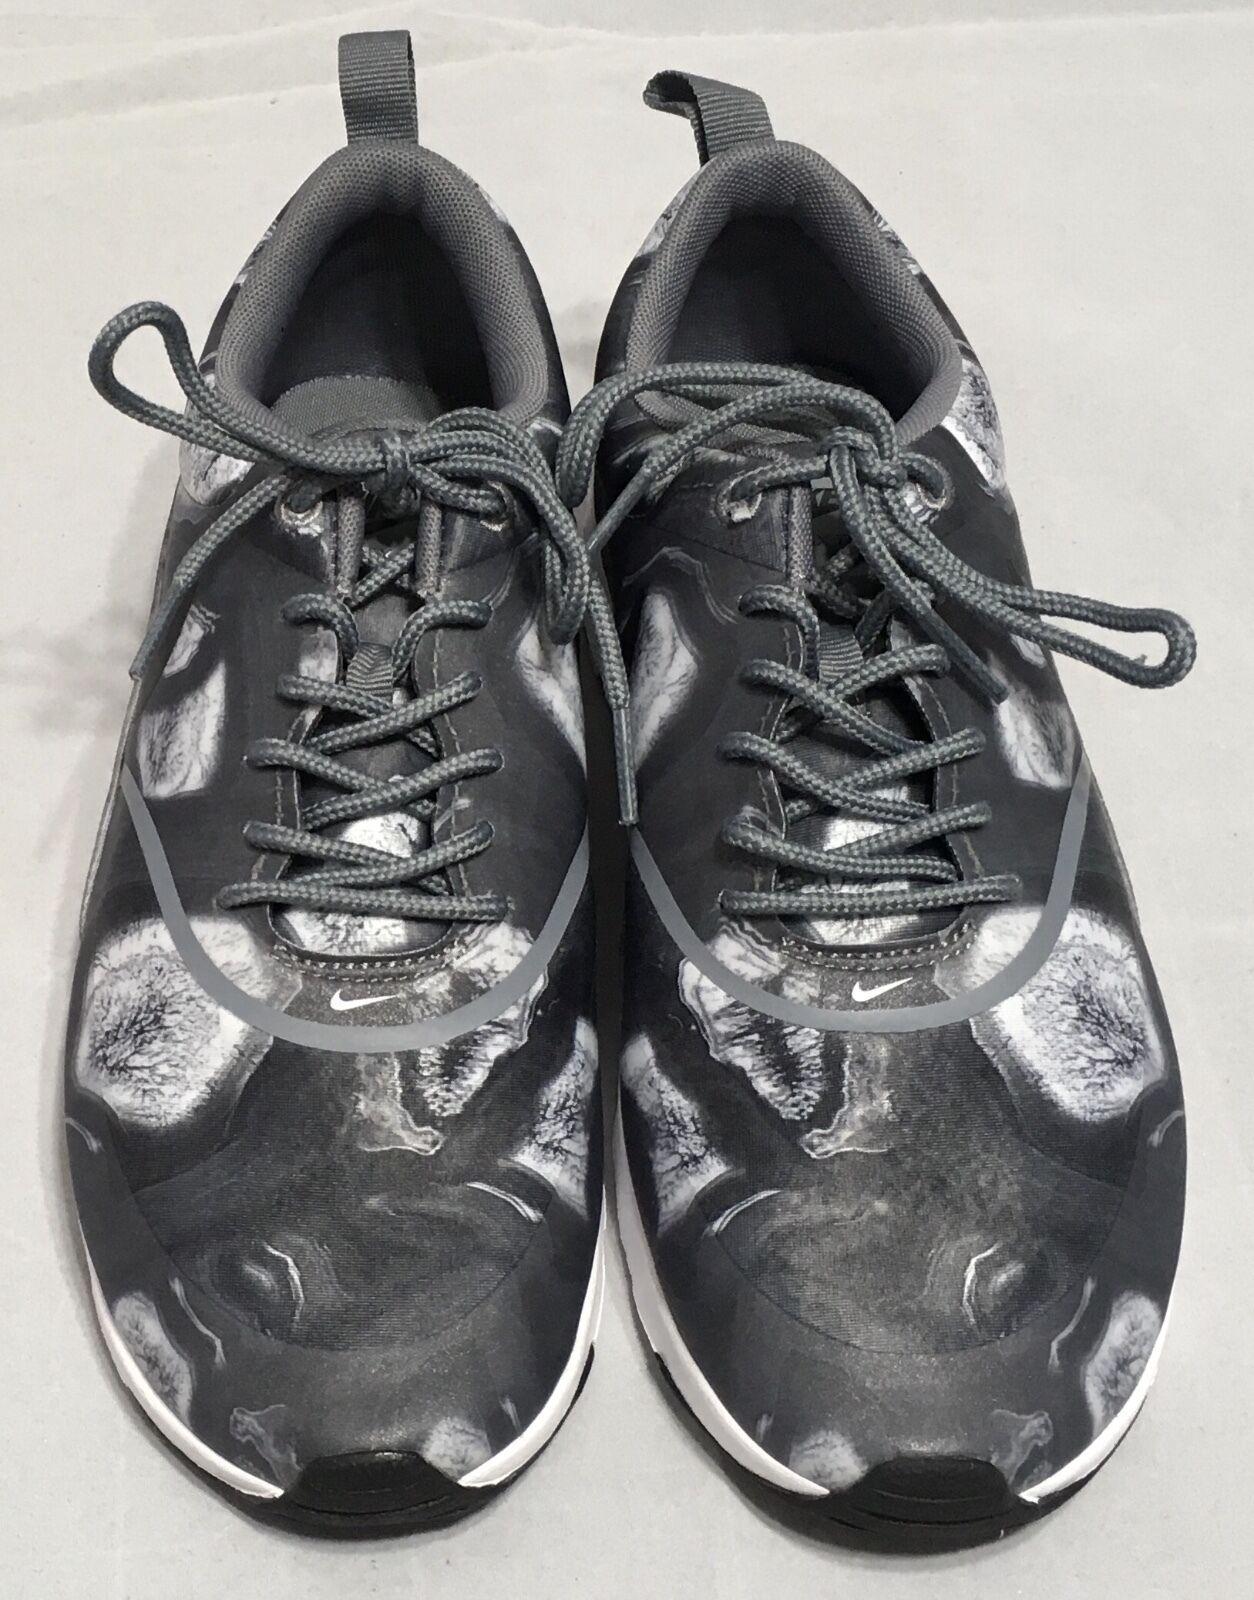 6e413ae77ff4 ... Nike Air Air Air Max Thea Print Women Shoes 599408 013 Gray Sz 6.5 8  8.5 ...